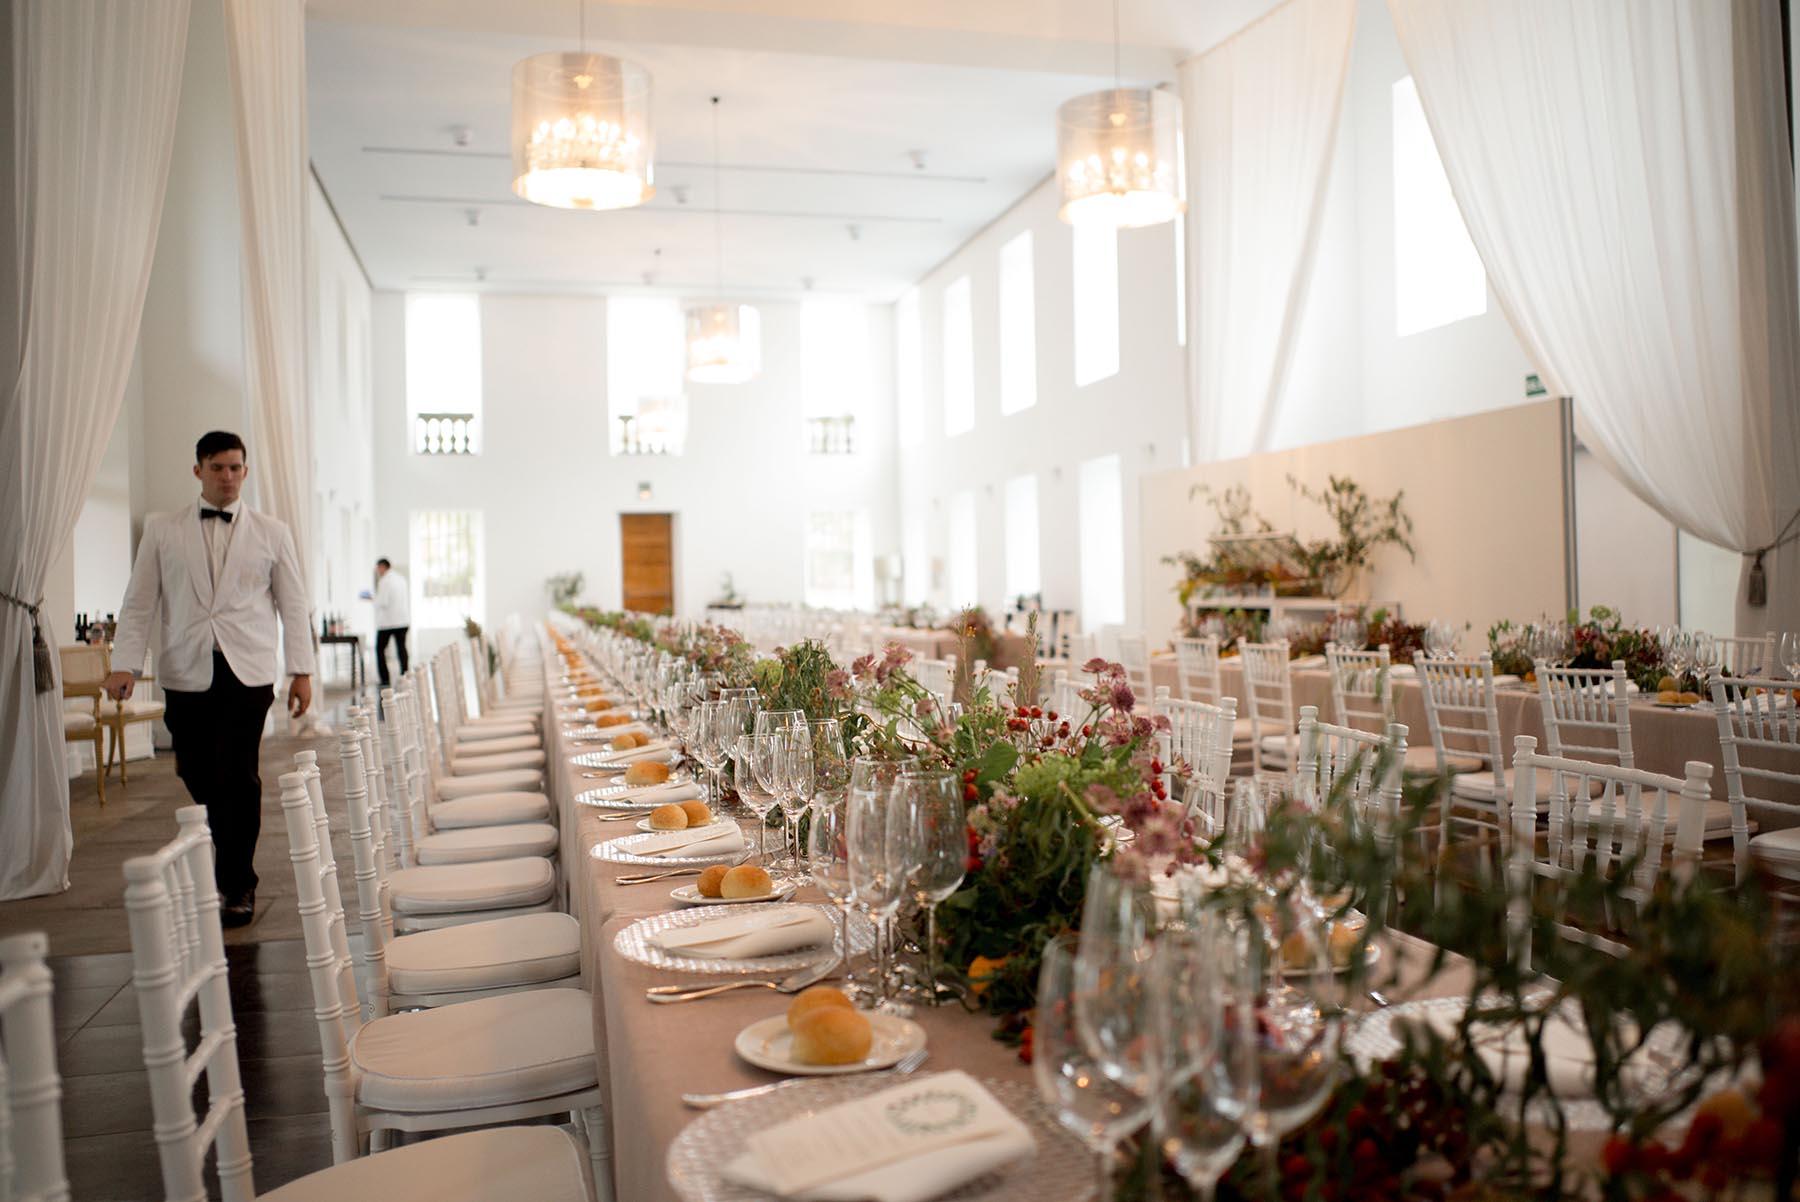 46d08d313 ... y facilitar la vida a todos los invitados. wedding planner cantabria  para organización de bodas